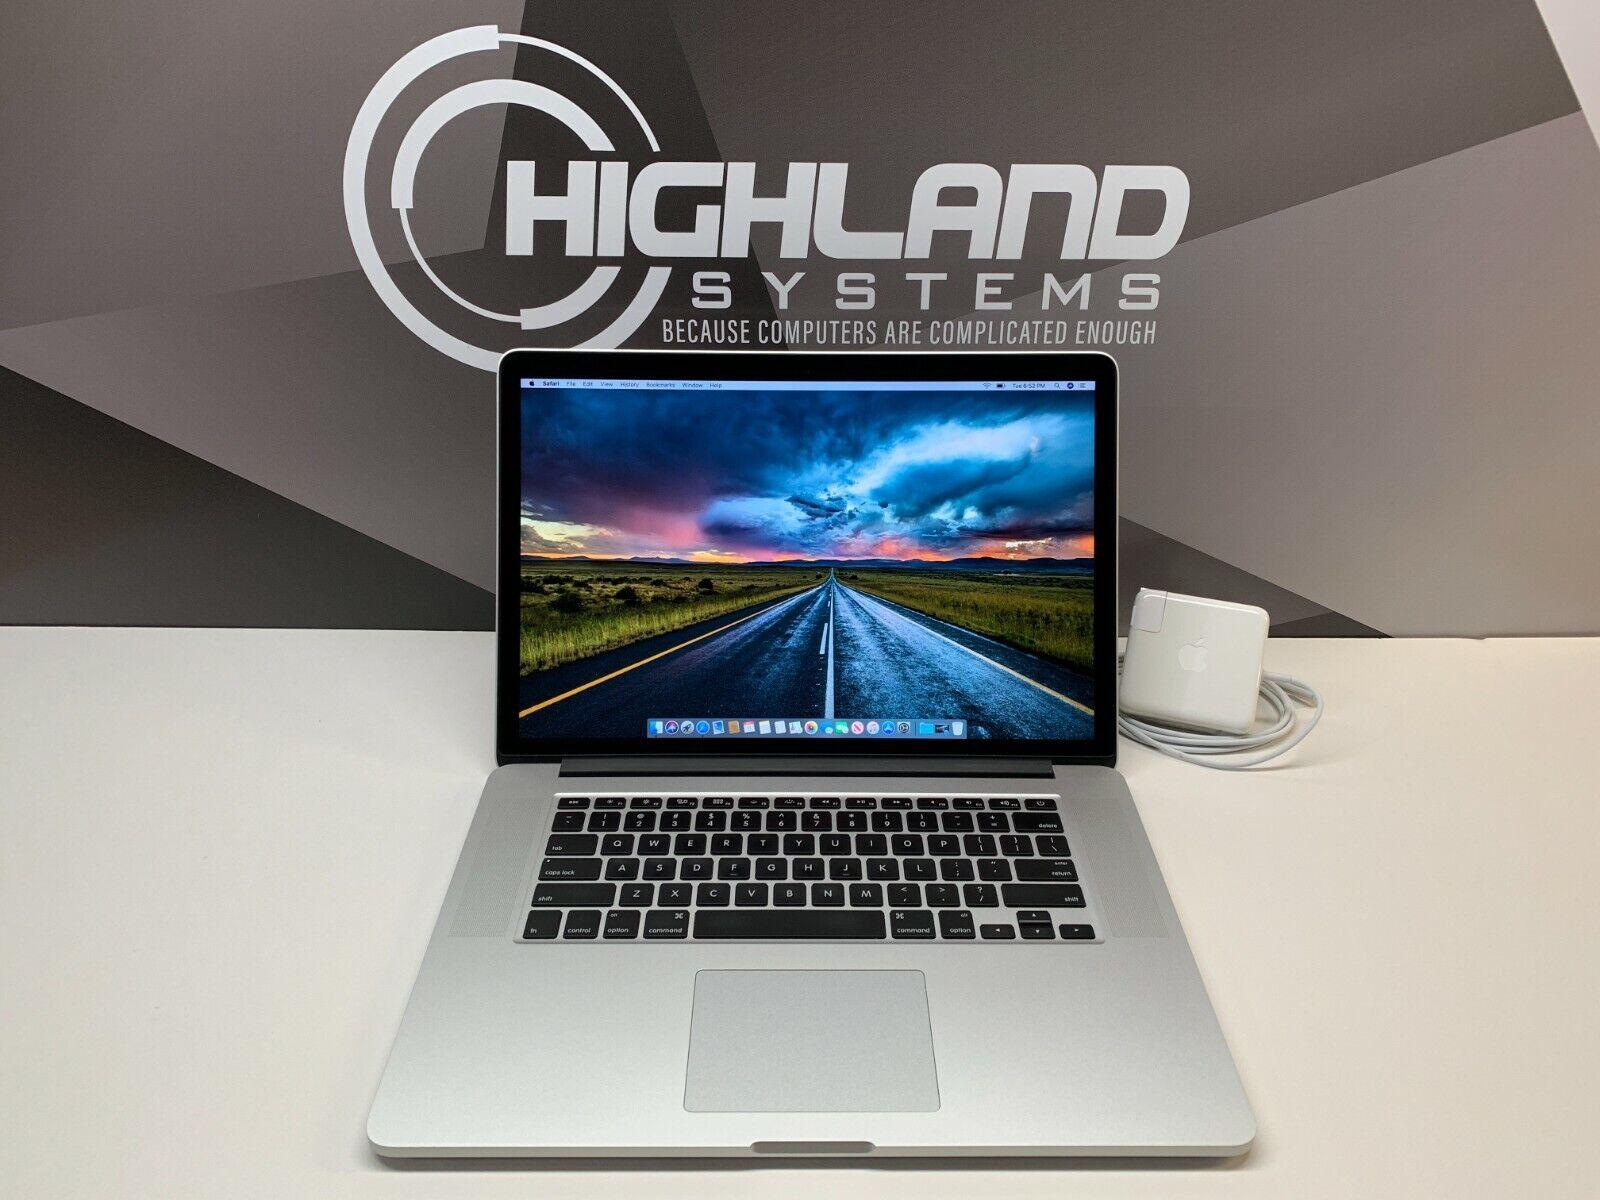 Apple MacBook Pro 15 Retina / Quad Core i7 3.3GHz / 16GB RAM 1TB SSD / WARRANTY. Buy it now for 897.00